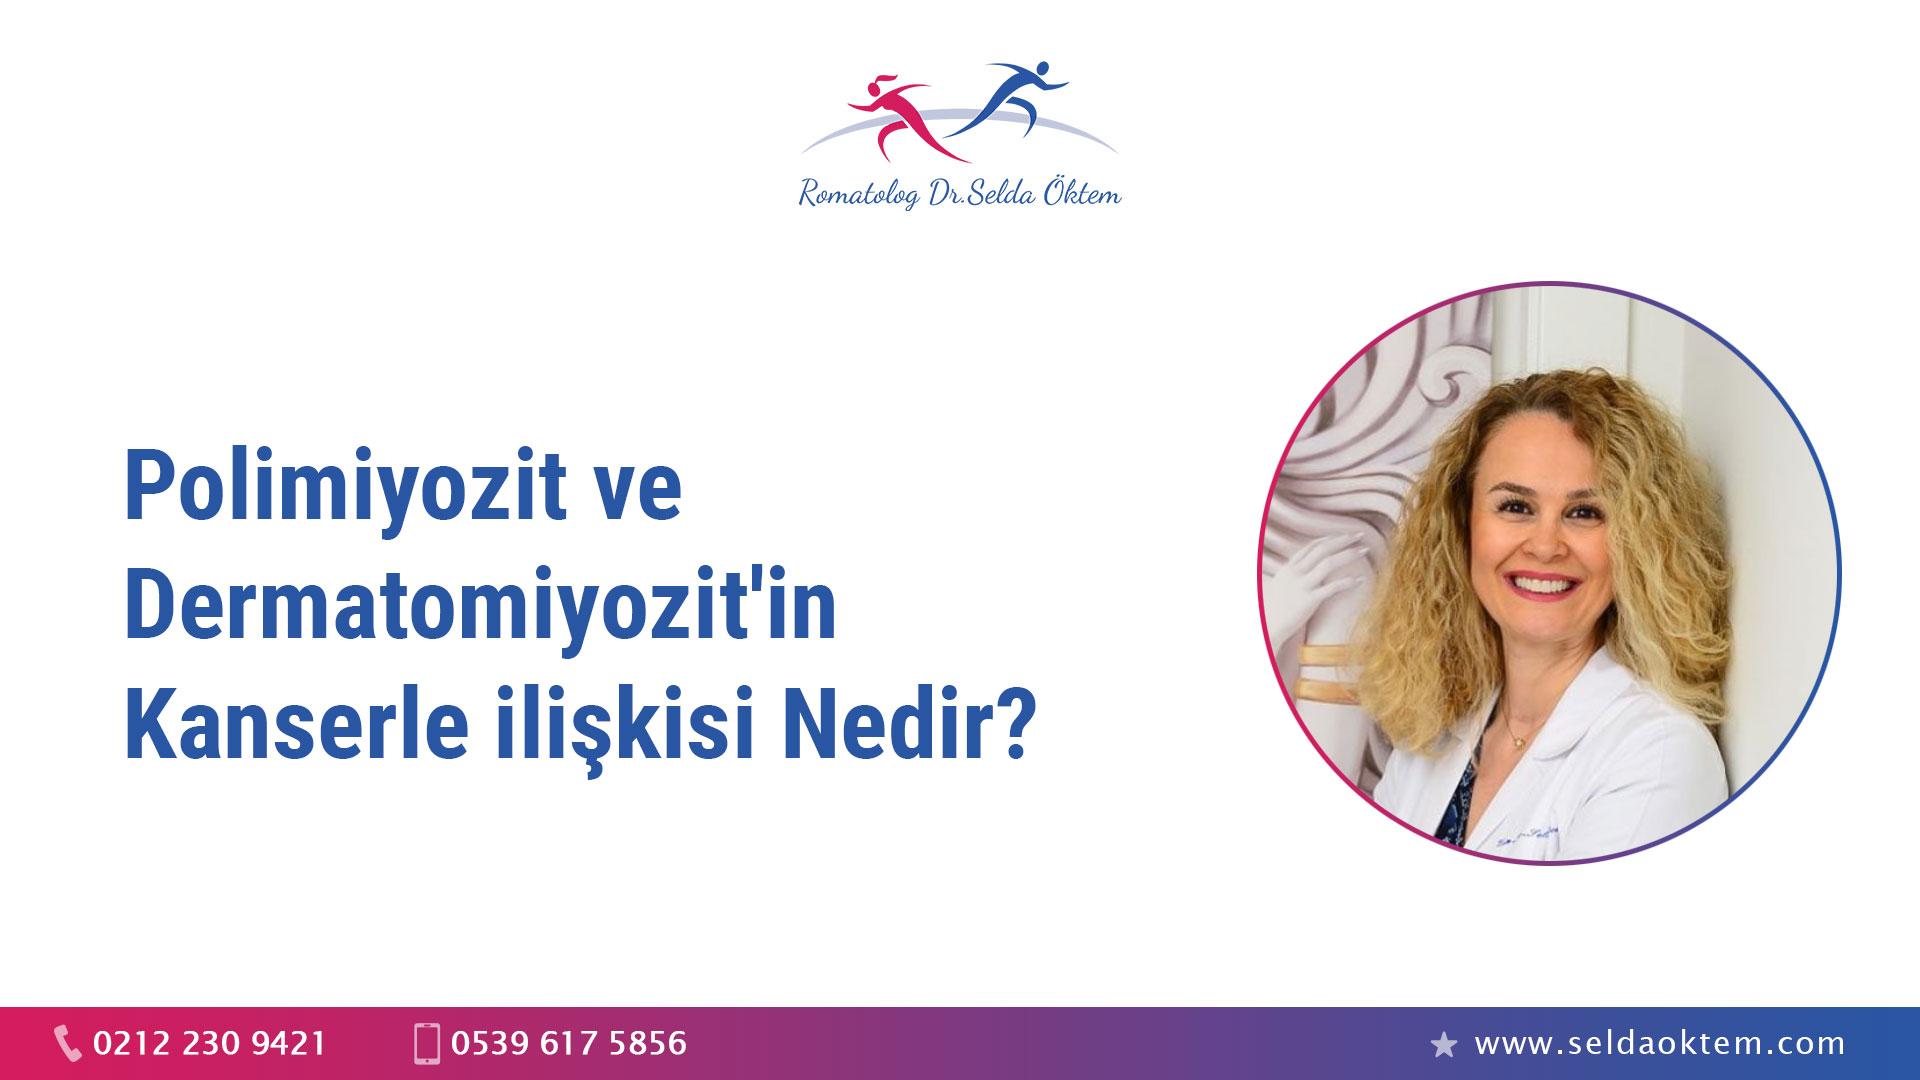 Polimiyozit ve Dermatomiyozit'in Kanserle ilişkisi Nedir?